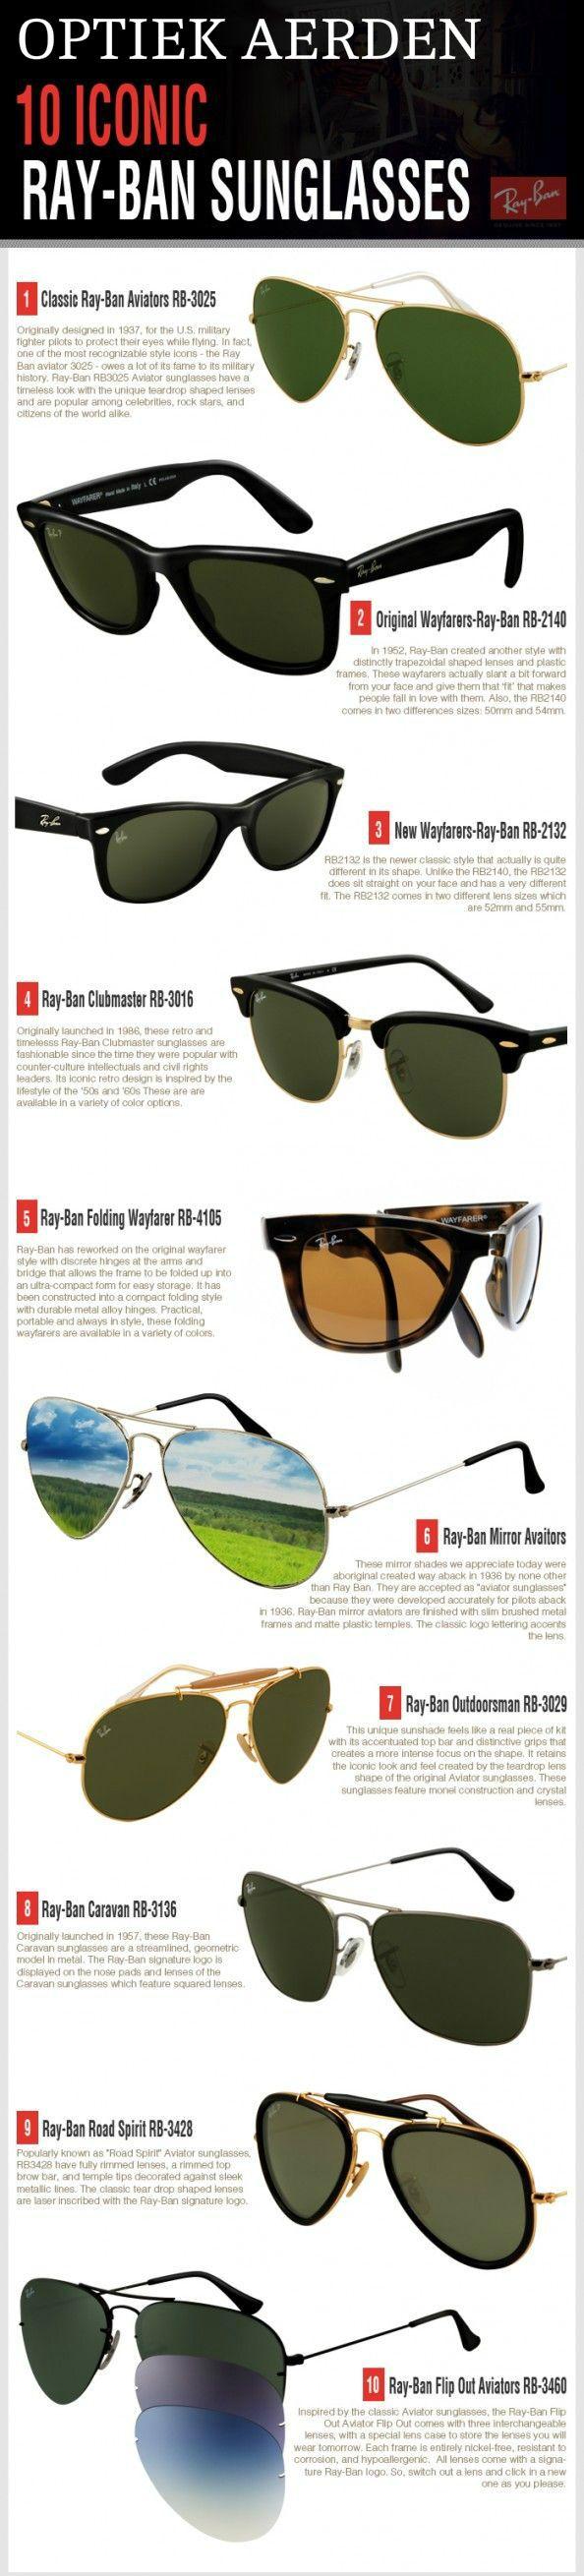 Ray•Ban brillen zijn uitgegroeid tot één van de de meest succesvolle collectie's sinds de herlancering in 2003. Ray•Ban brillen vernieuwen met innovatie en kwaliteit die synoniem zijn met de naam Ray•Ban, en richt zich op stijl en mode met details en vormen die geïnspireerd zijn op de originele zonnebril modellen..... Ray•Ban is de wereldwijde leider in de brillenmarkt en veruit het best verkochte brillen merk in de wereld. Ray•Ban bij Optiek Aerden.